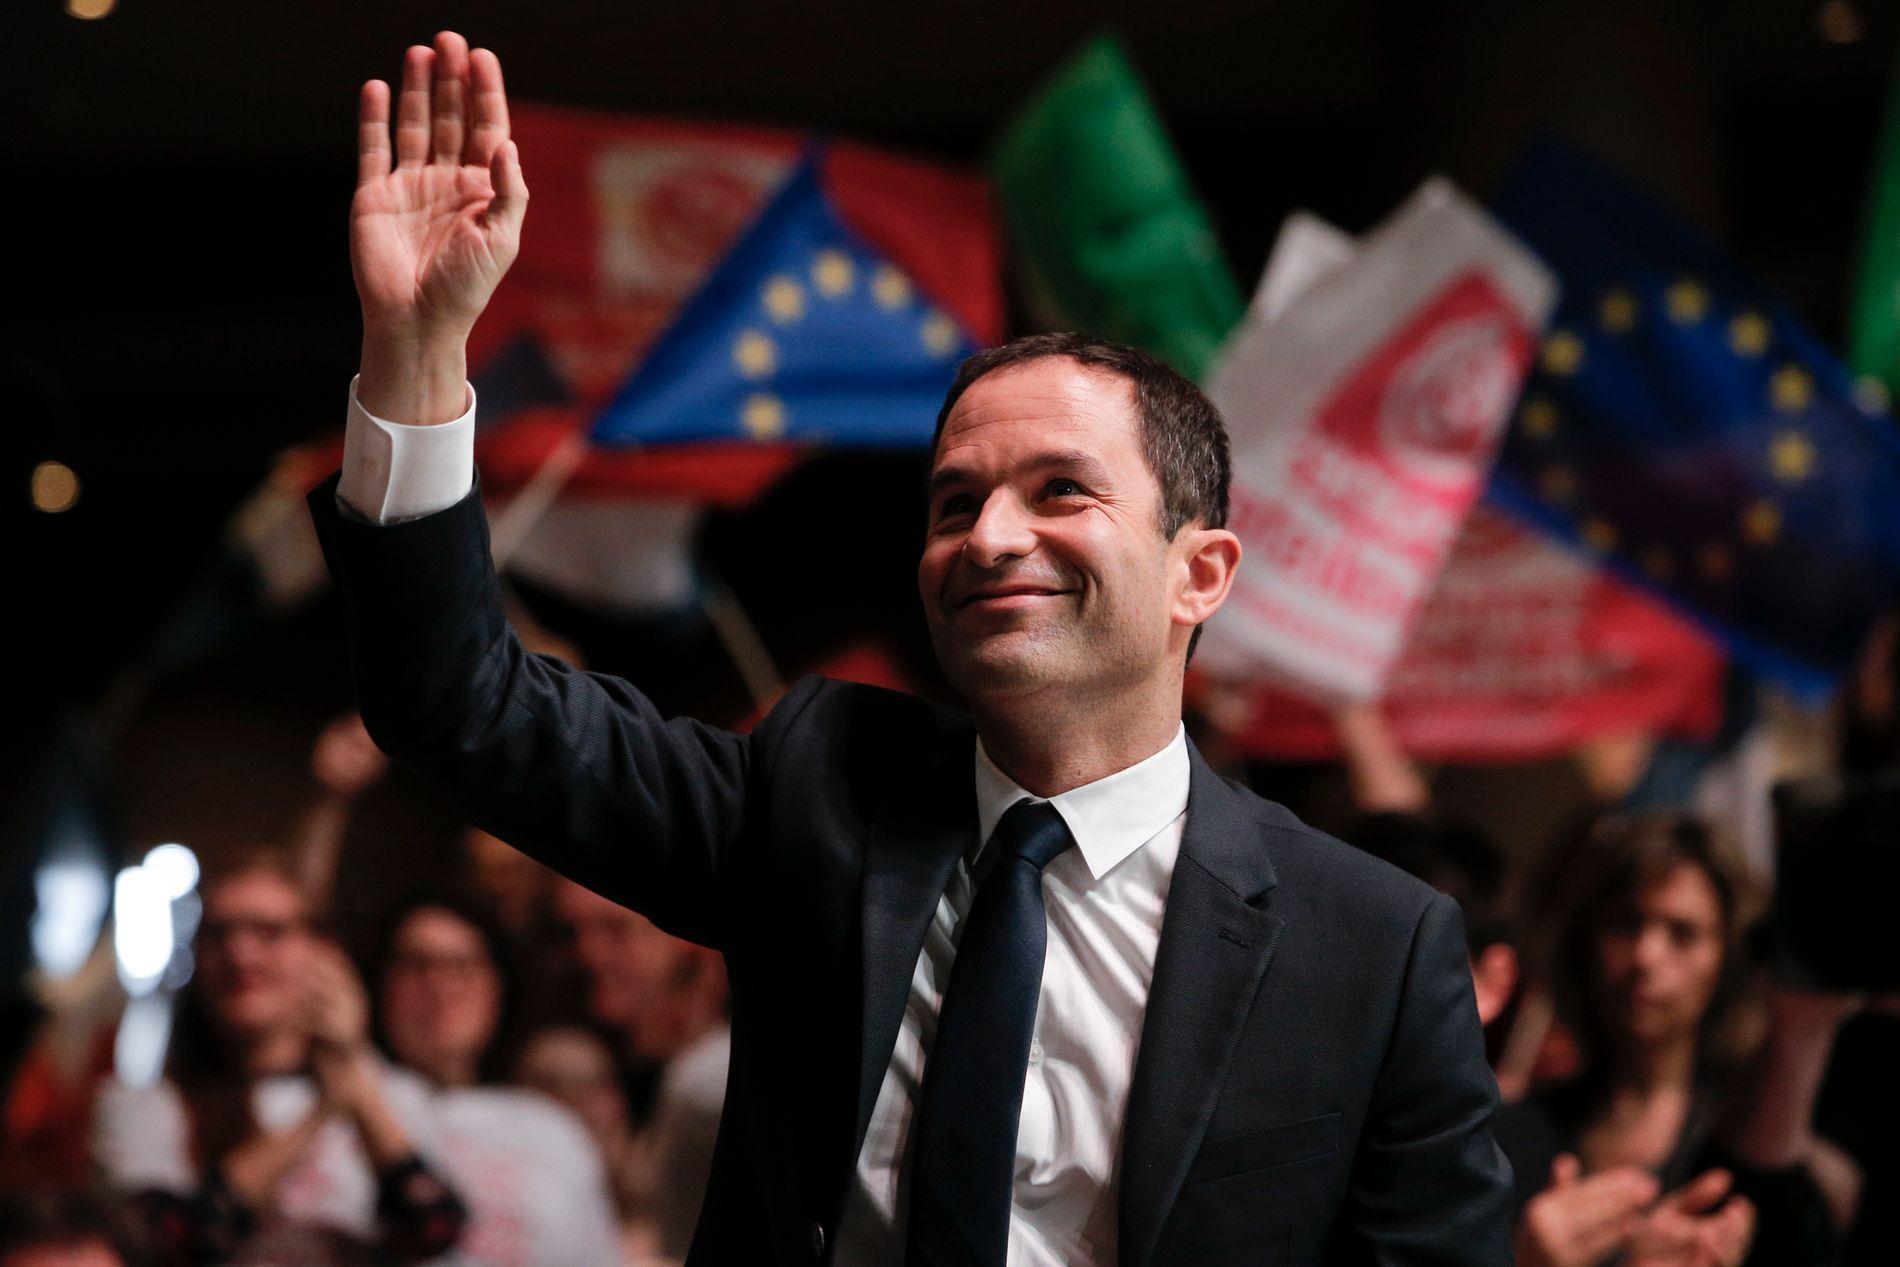 PRESIDENTHÅP: Benoît Hamon er utnevnt som sosialistenes presidentkandidat. Han ønsker å bygge regjeringsflertall med De Grønne og SVs søsterparti Parti de Gauche.